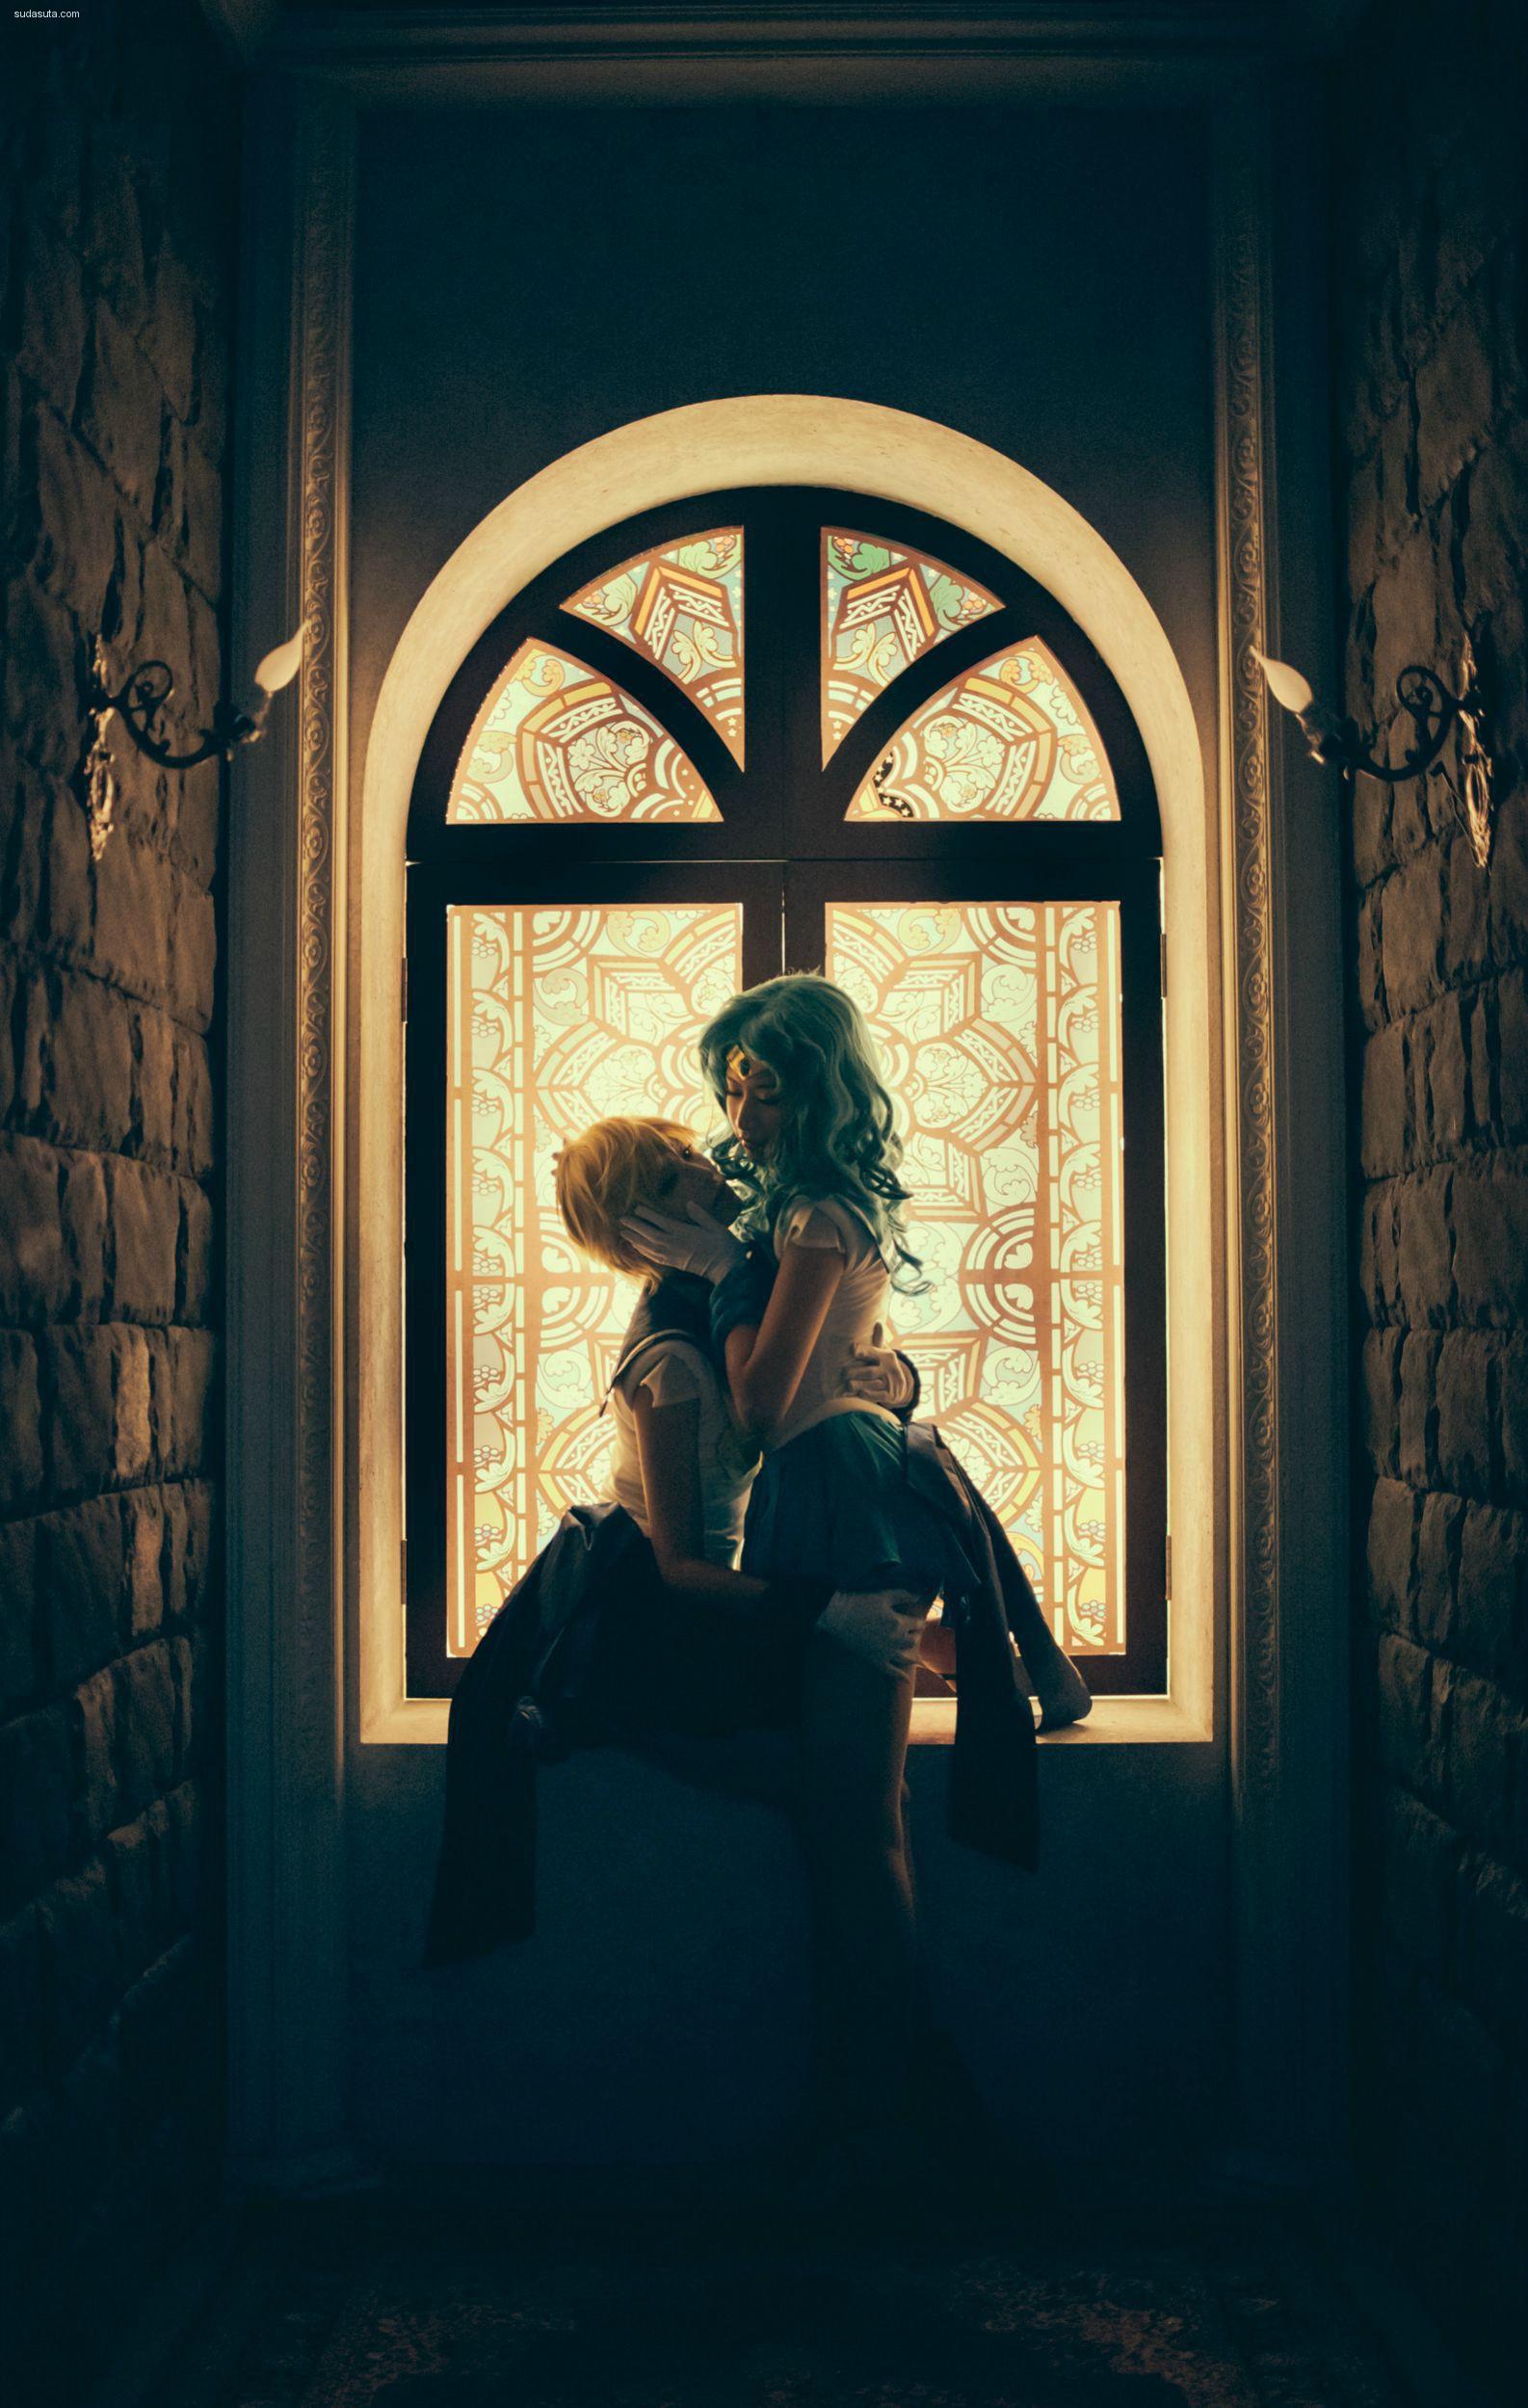 美少女战士主题COSPLAY摄影欣赏